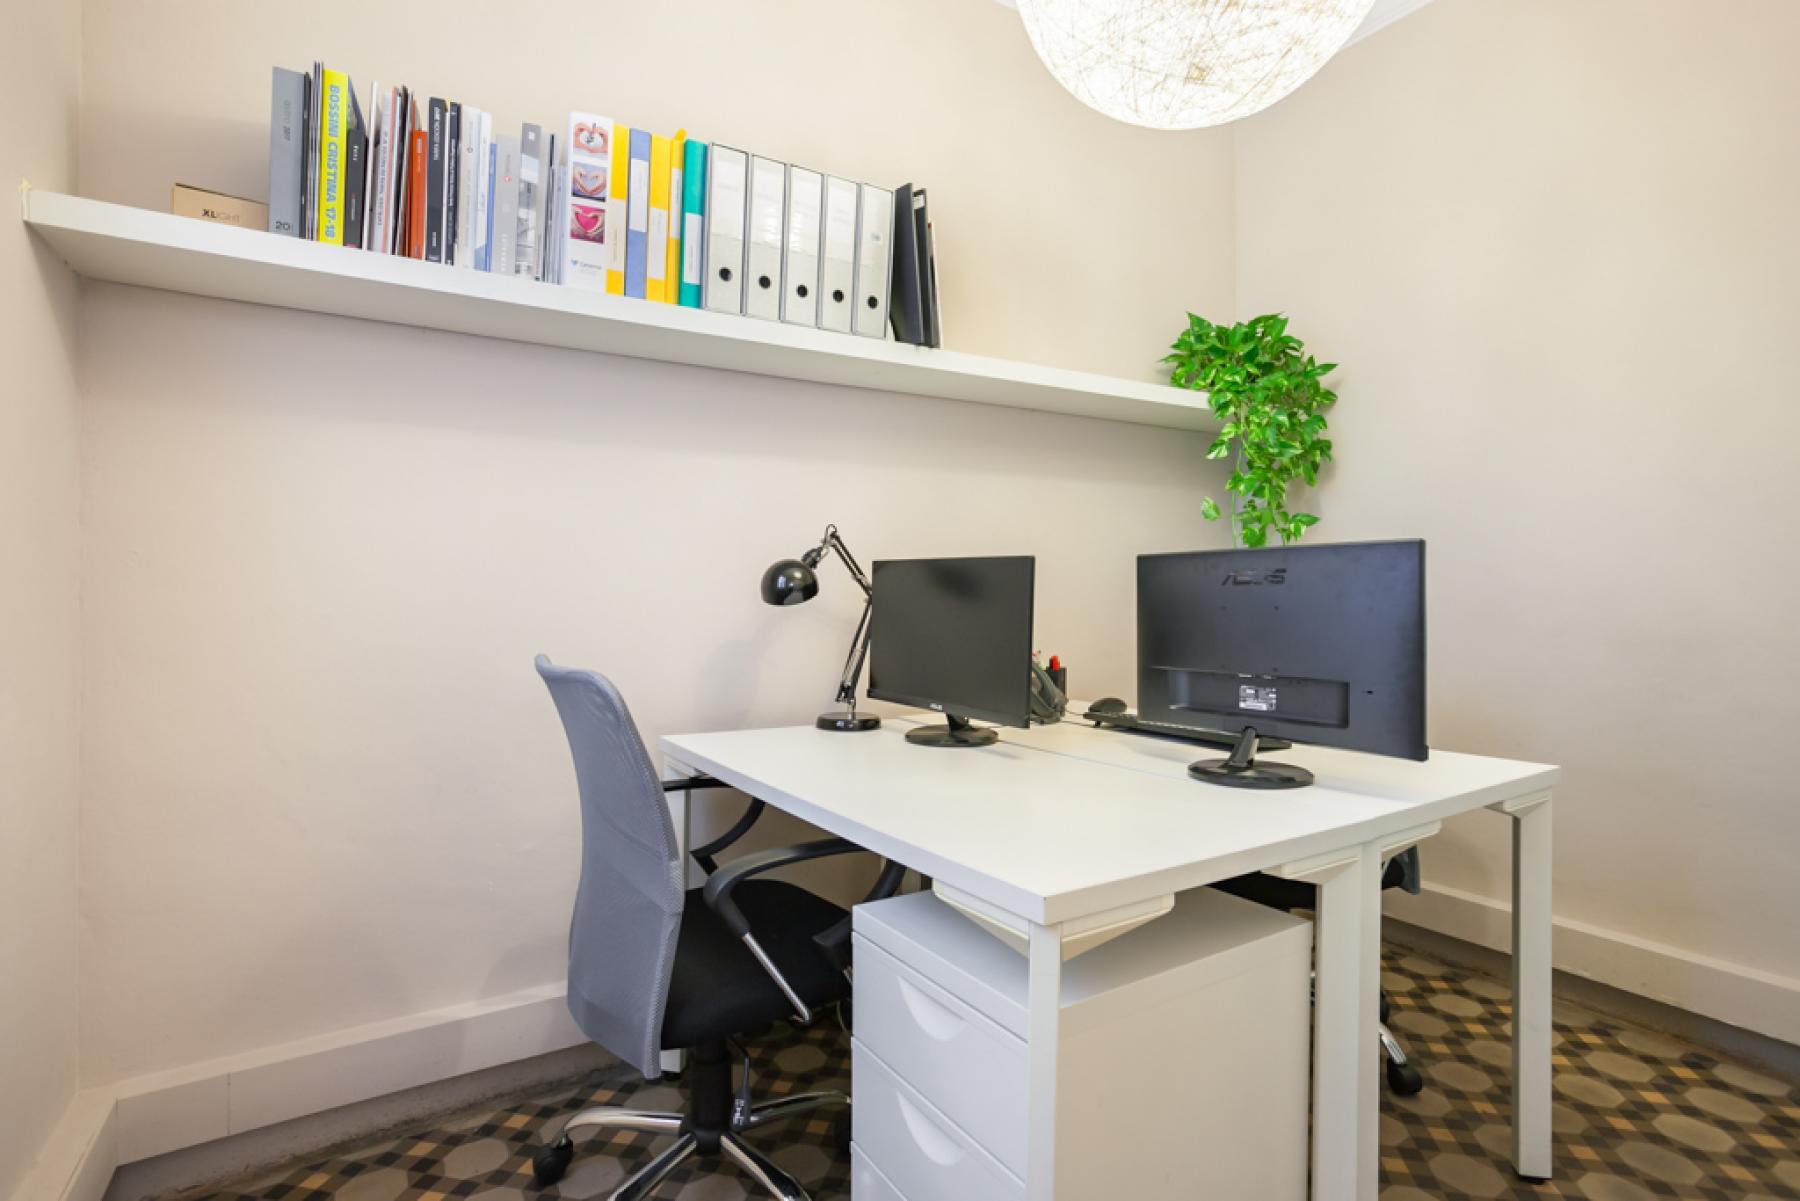 Alquilar oficinas Rambla de Catalunya 125, 3º, 2ª 125, Barcelona (7)